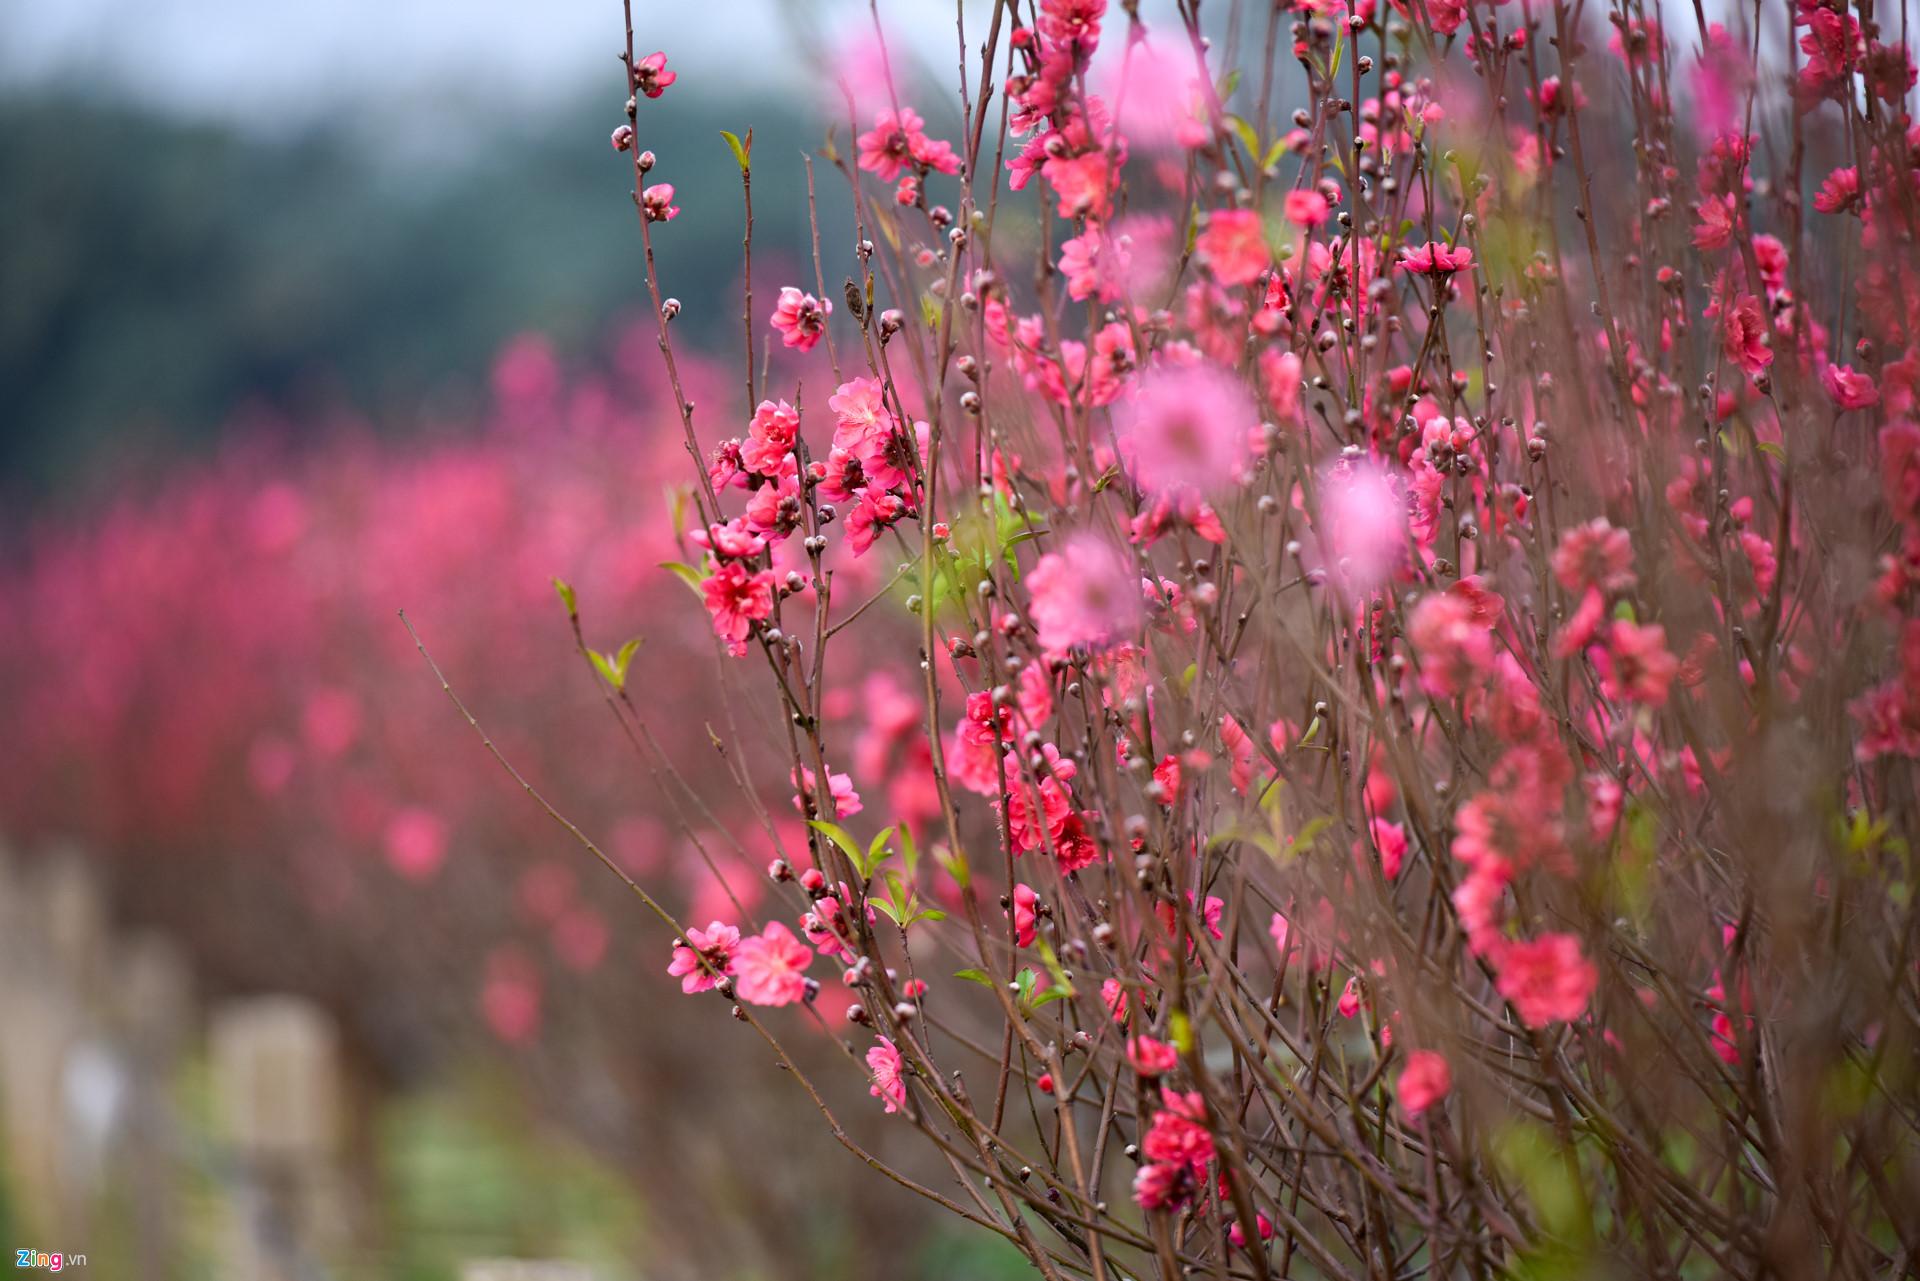 Ảnh hoa đào ngày tết đẹp